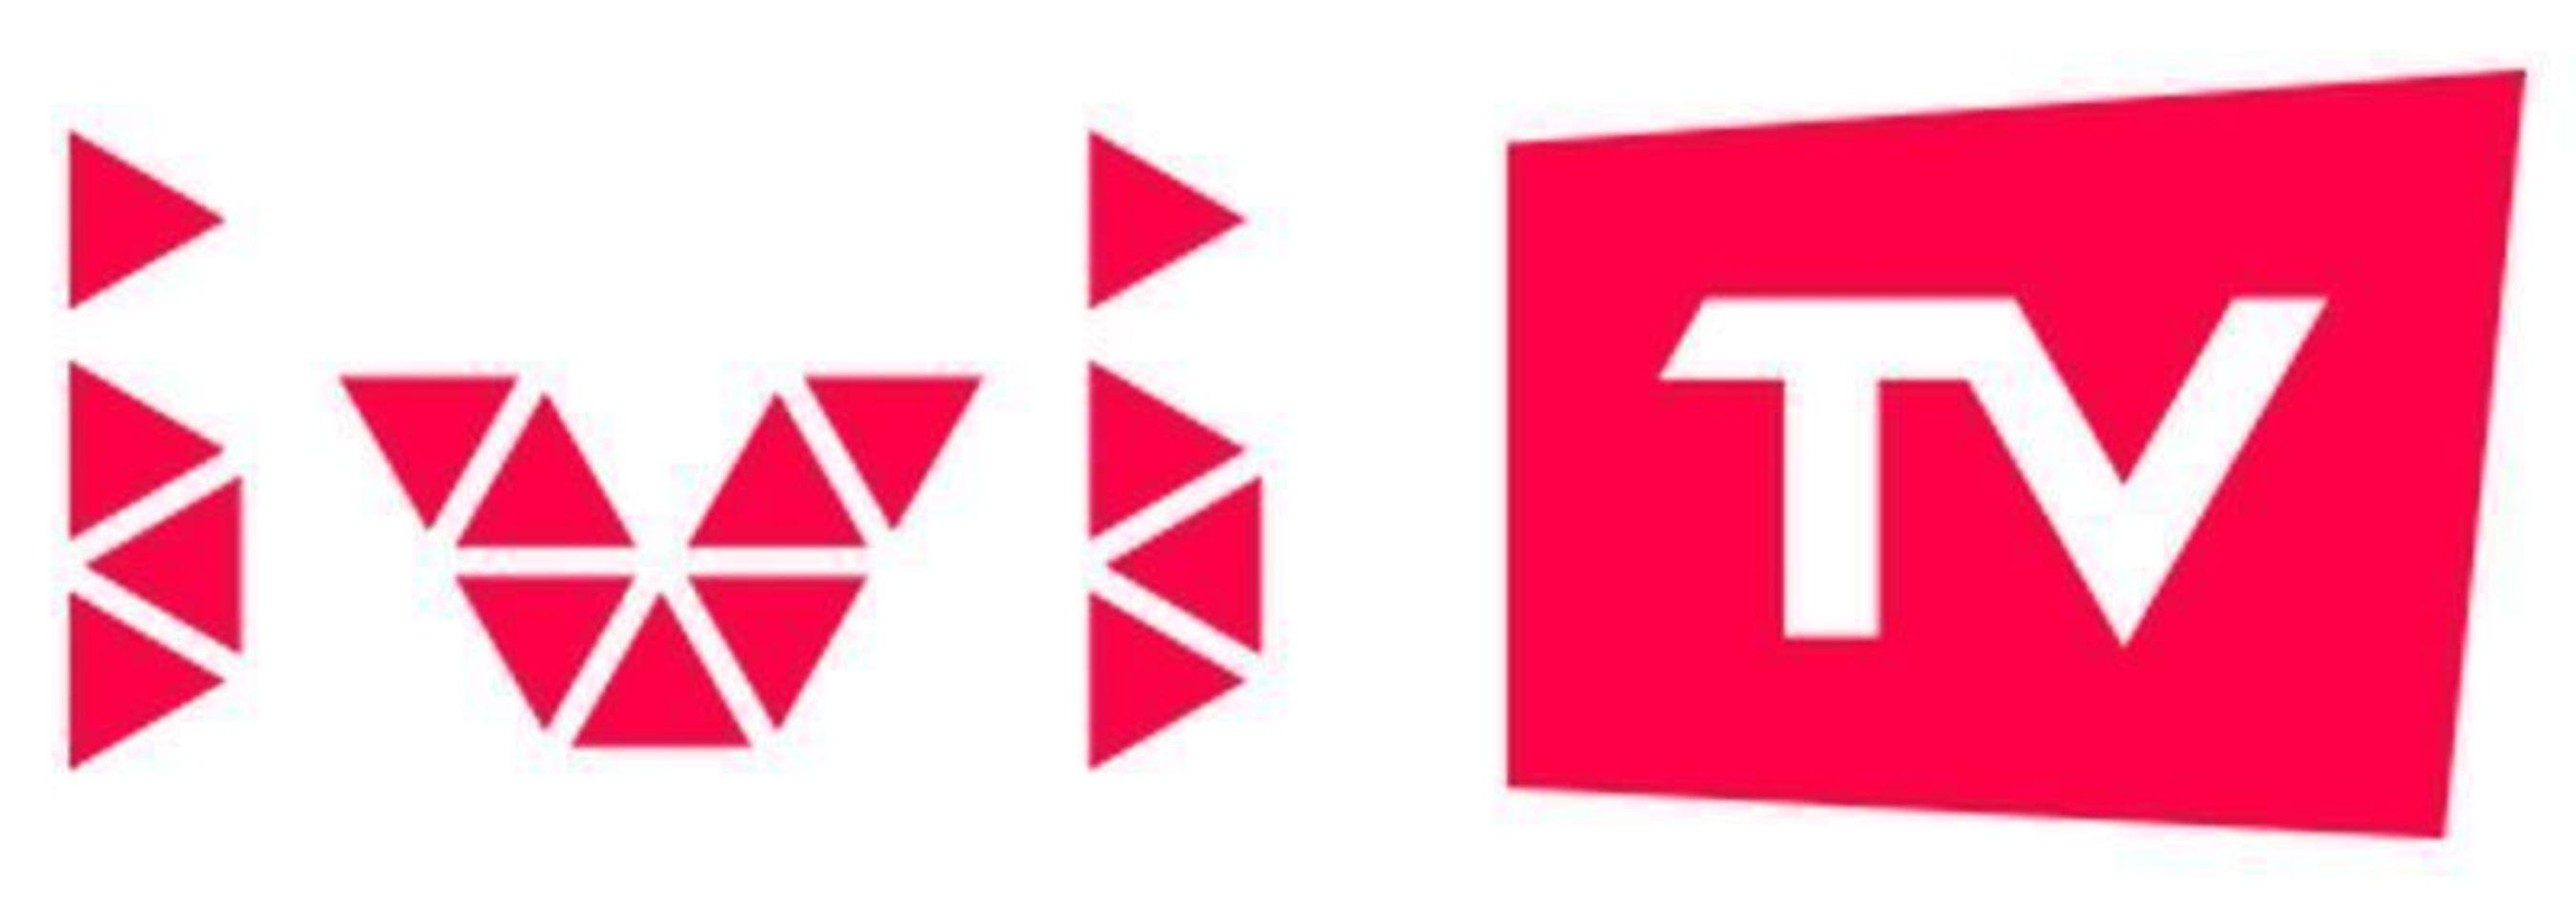 ivi lanza servicio de TV profundamente integrado en VOD único en su clase